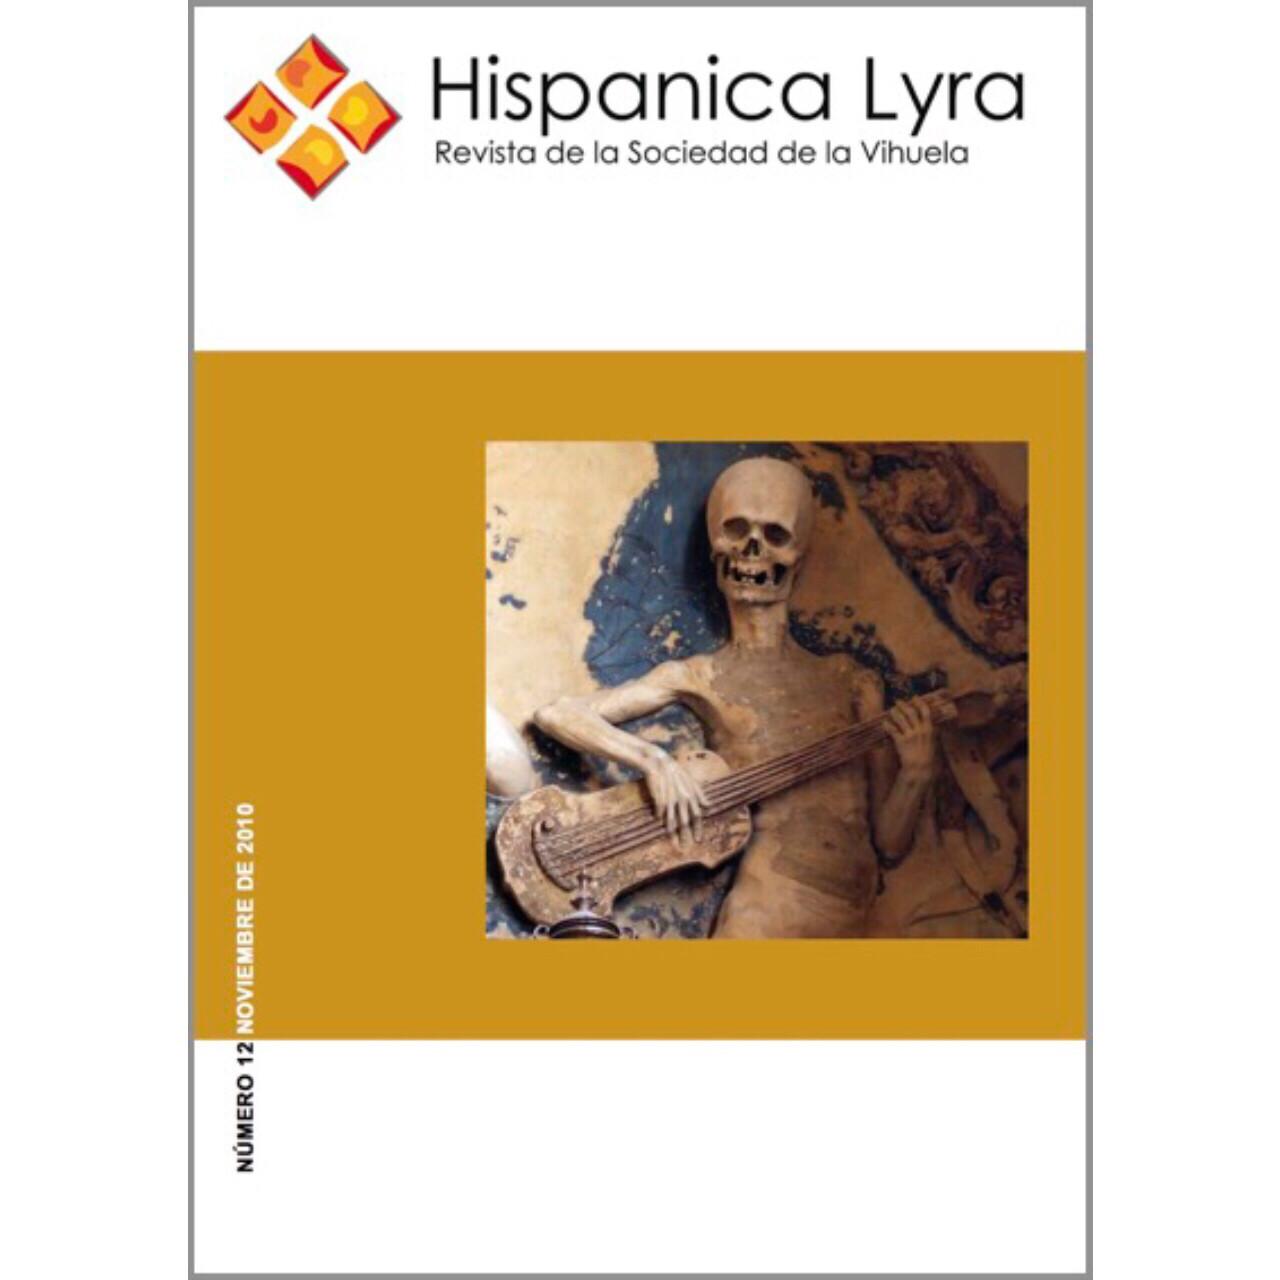 Nº12, noviembre de 2010 [edición digital/digital edition]